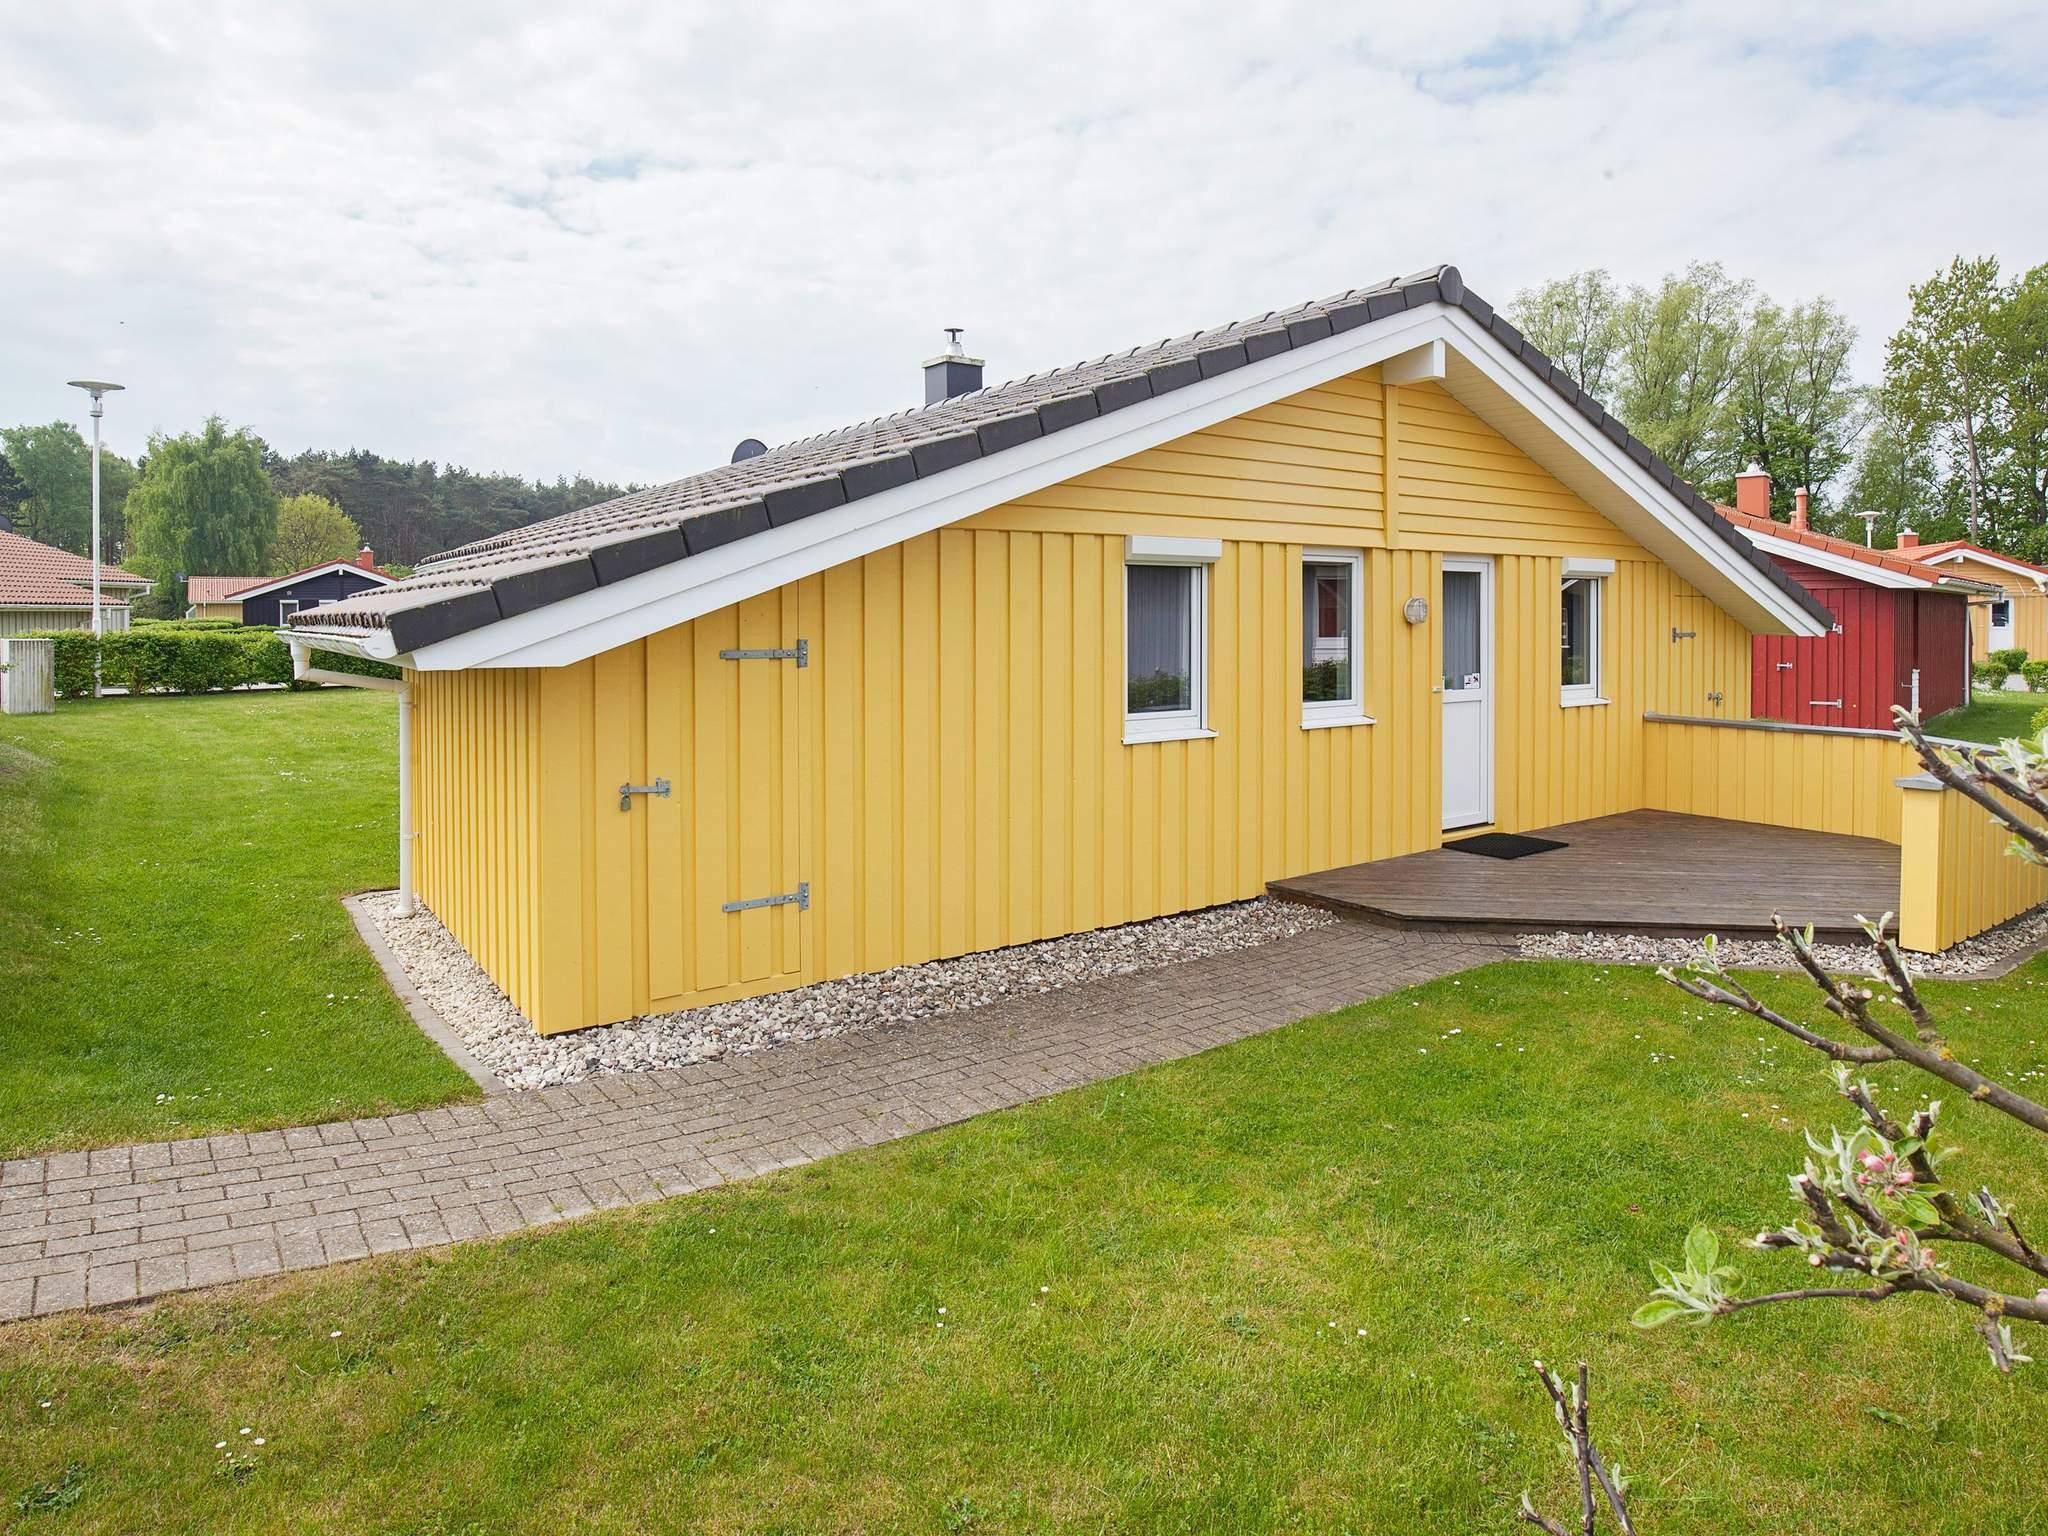 Maison de vacances Grömitz (359058), Grömitz, Baie de Lübeck, Schleswig-Holstein, Allemagne, image 18